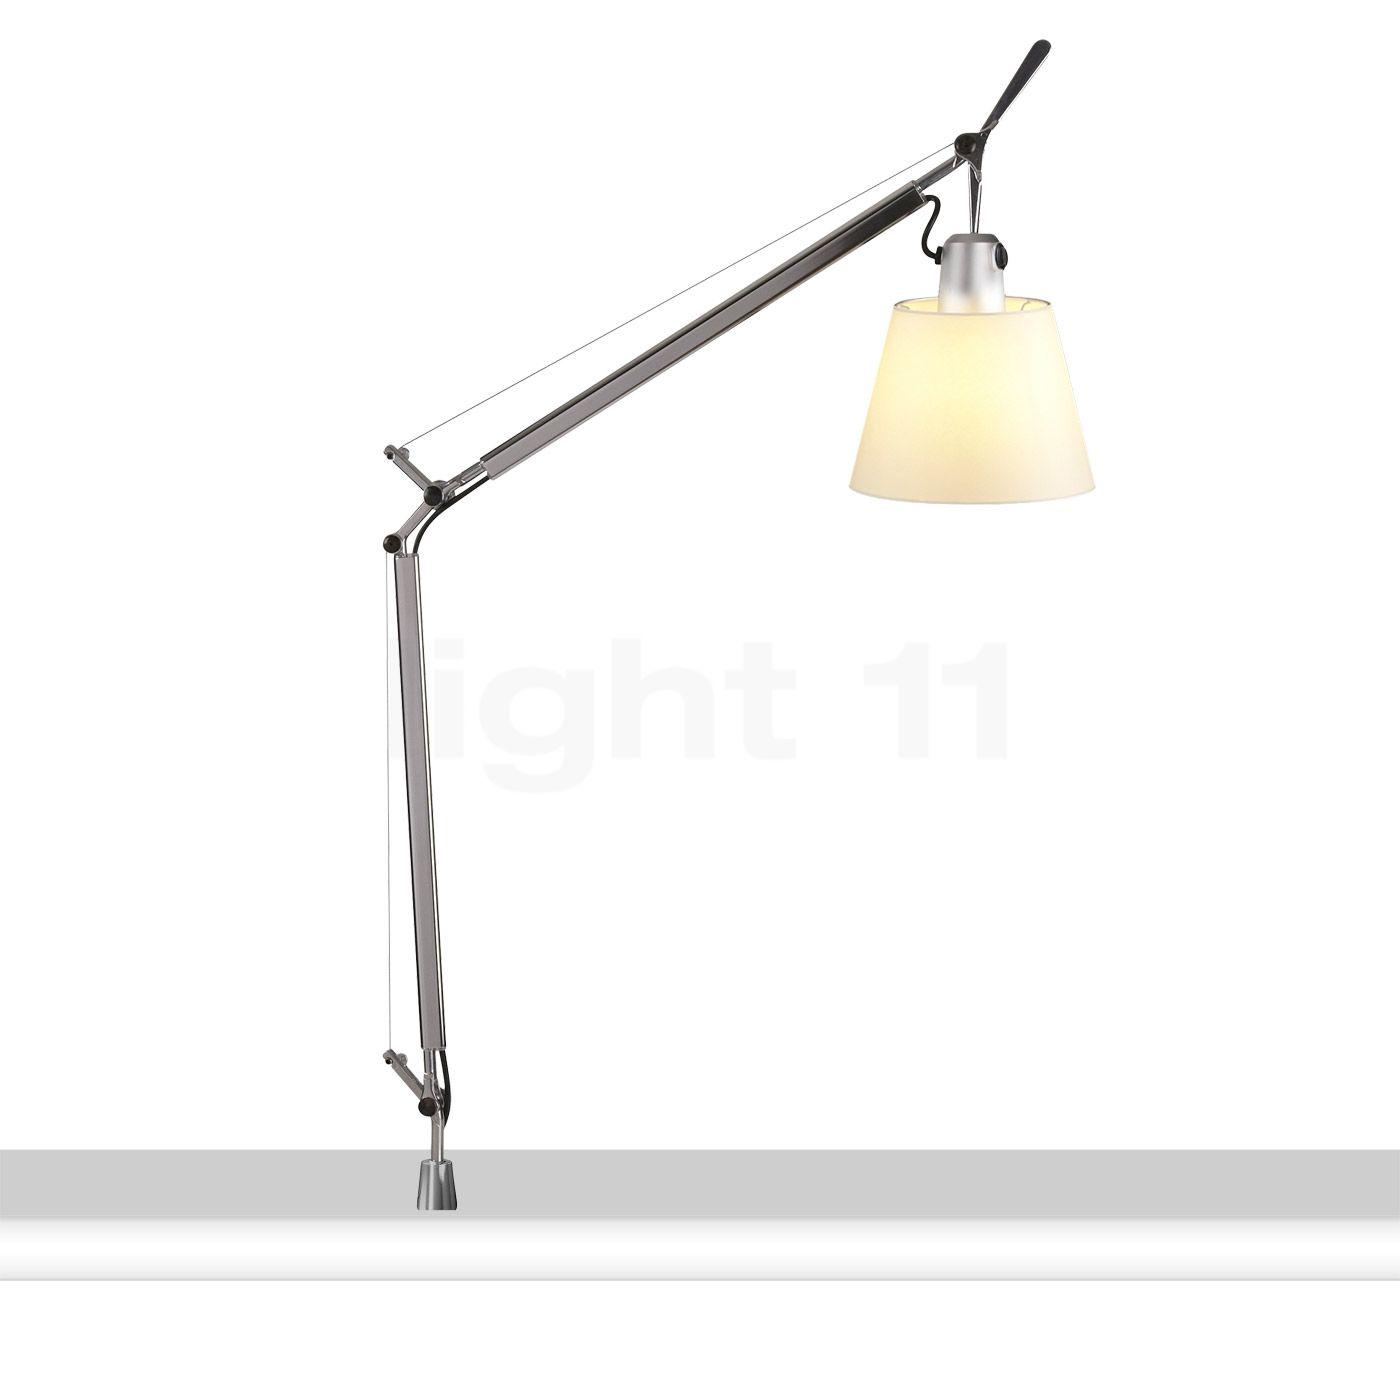 artemide tolomeo basculante tavolo mit schraubbefestigung schreibtischleuchte. Black Bedroom Furniture Sets. Home Design Ideas